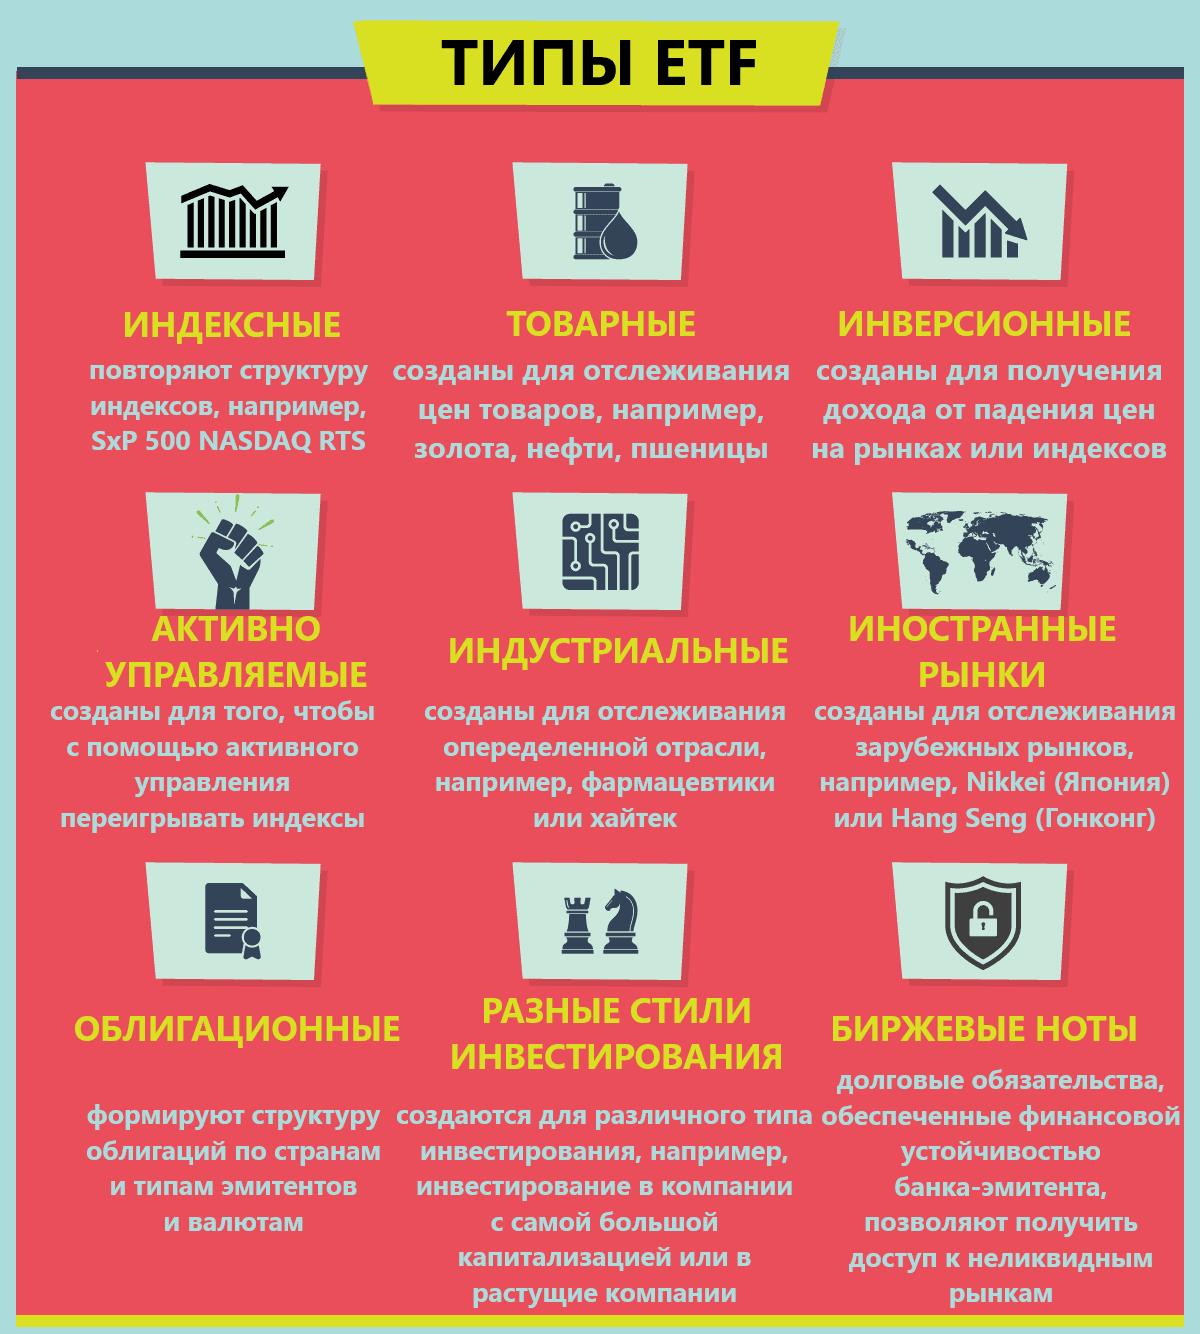 Типы ETF фондов